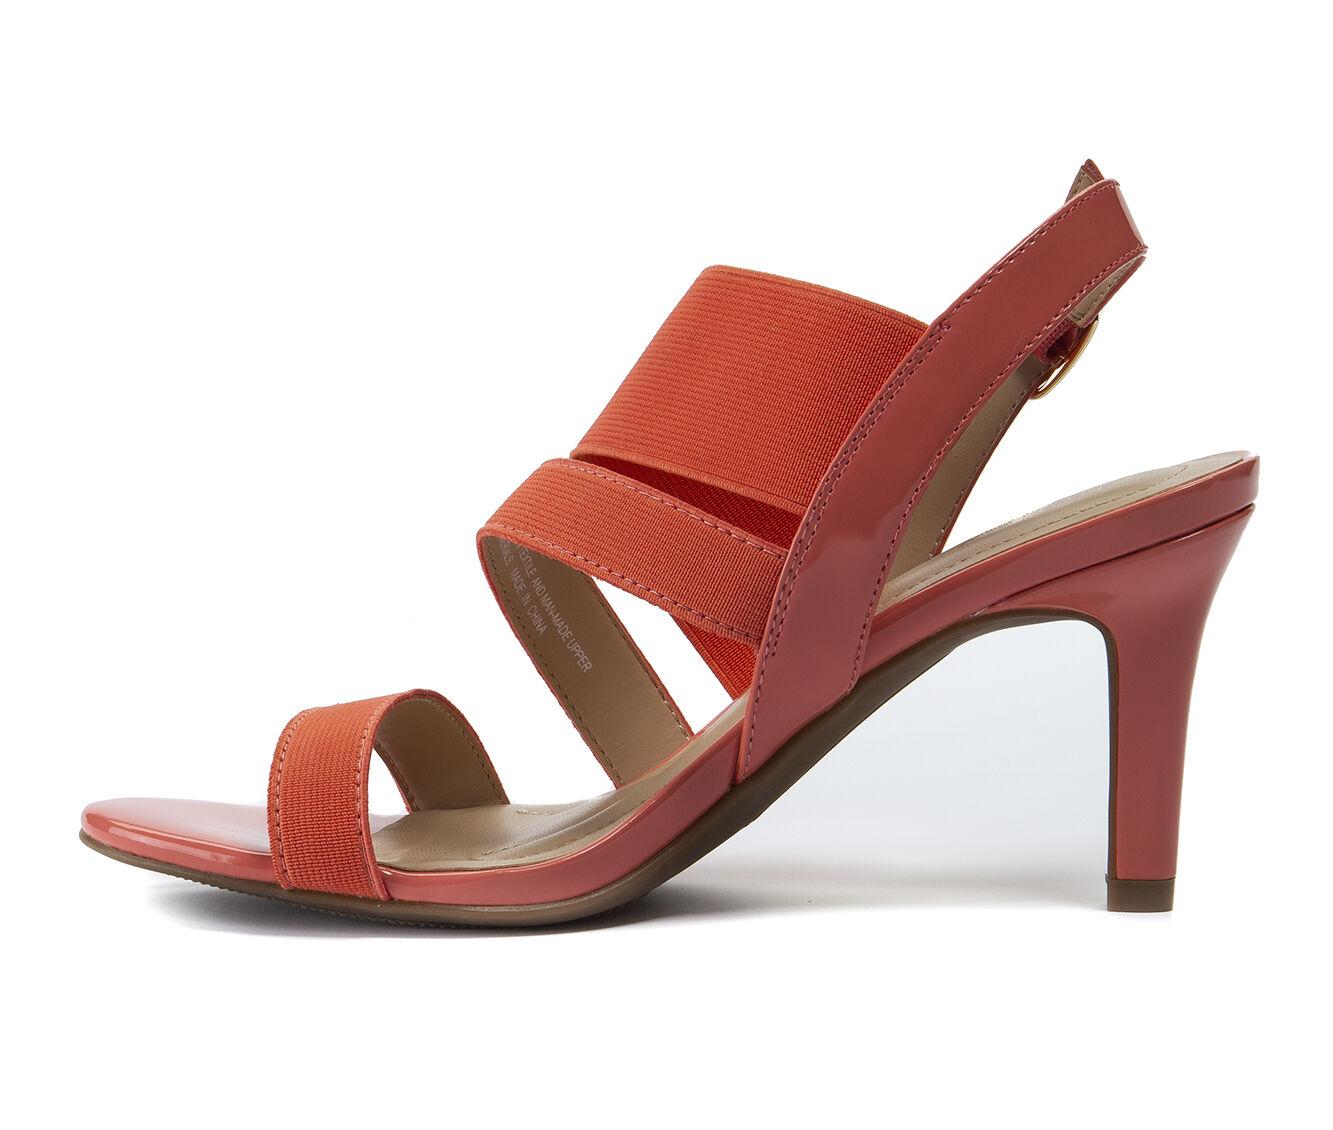 Women's Andrew Geller Paisley Dress Sandals | Women's shoes | 2020 New CuNH8